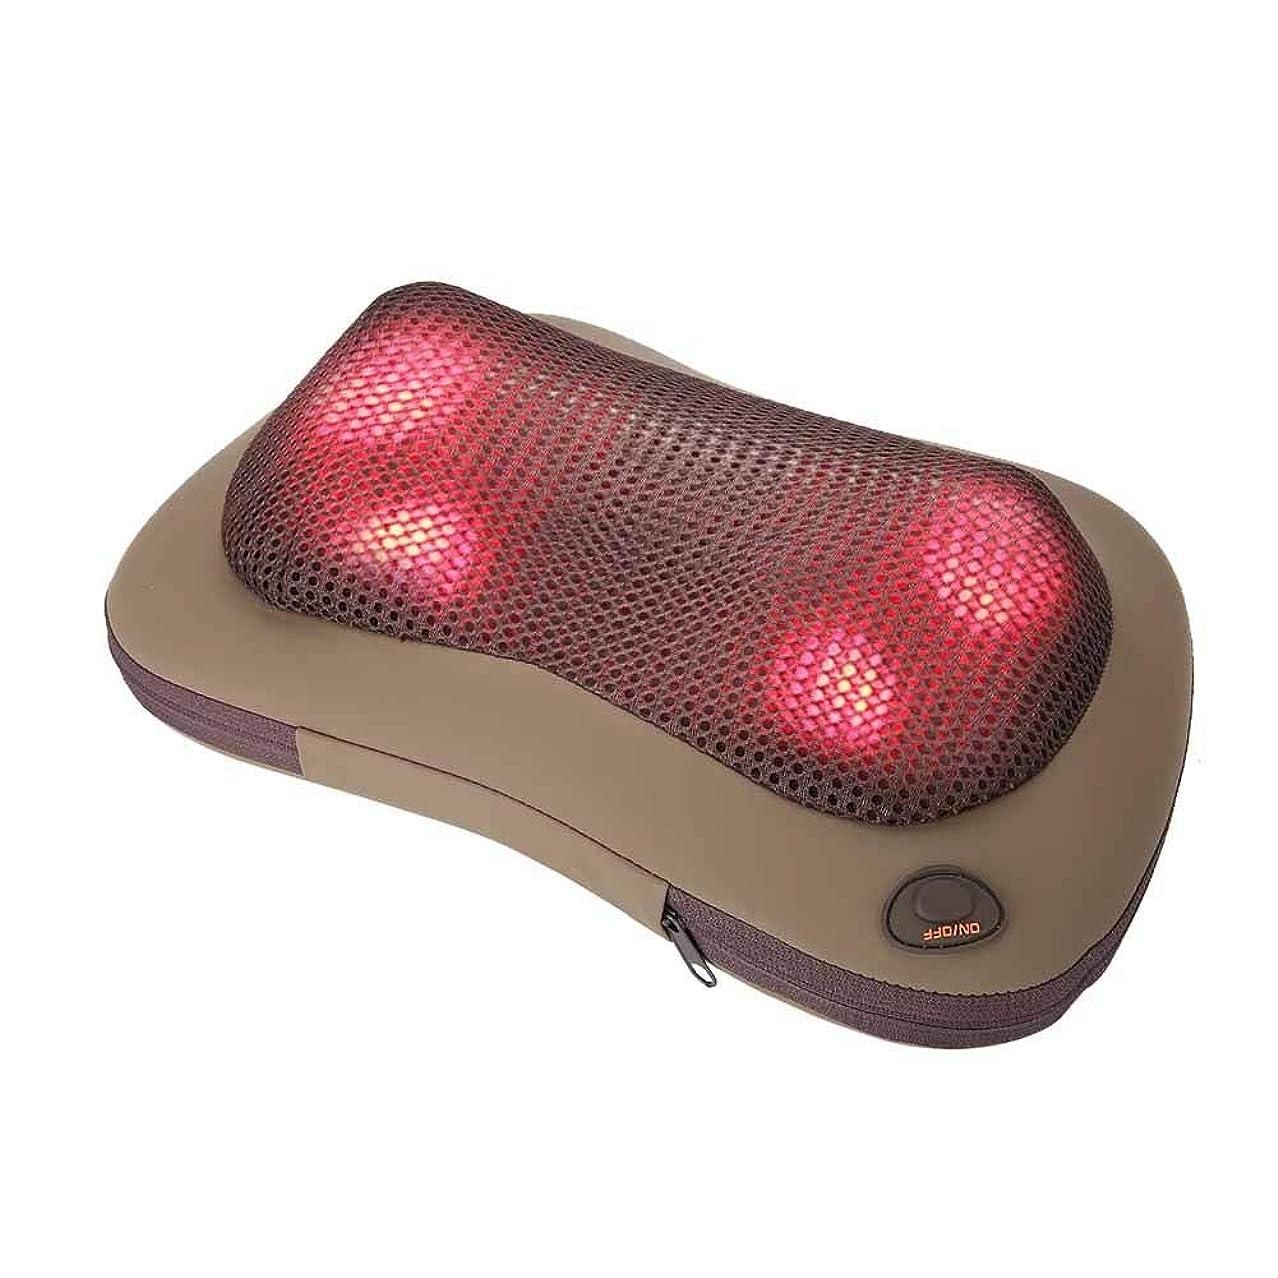 以前は実施するオーストラリア人携帯用 電気マッサージ 枕 暖房療法 首 ウエスト 足 腕 マッサージ用具(グレー)